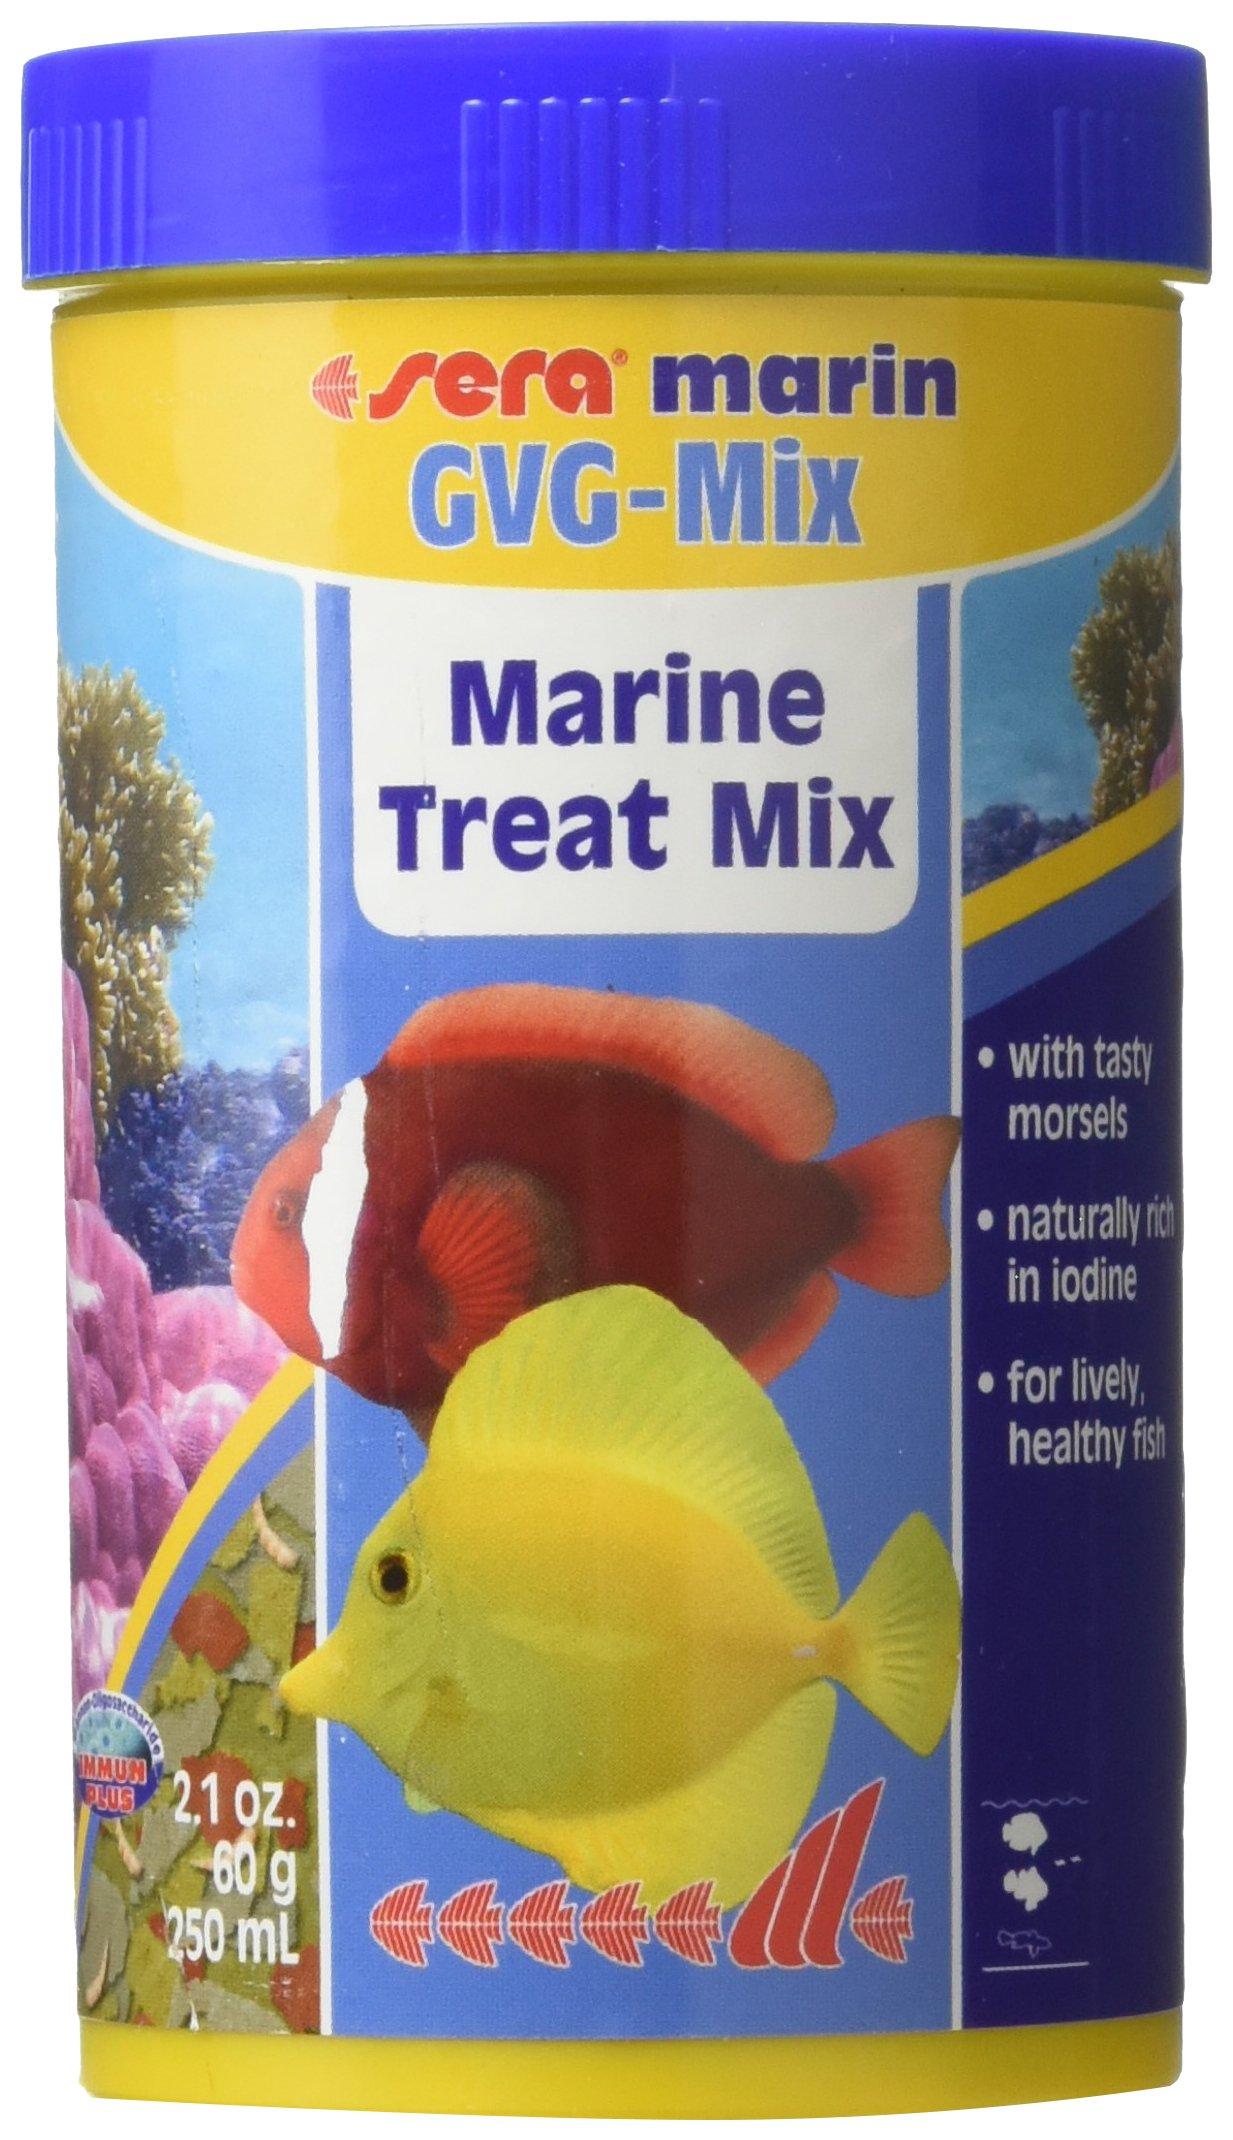 Sera 355 maring VG-mix 2.1 oz 250 ml Pet Food, One size